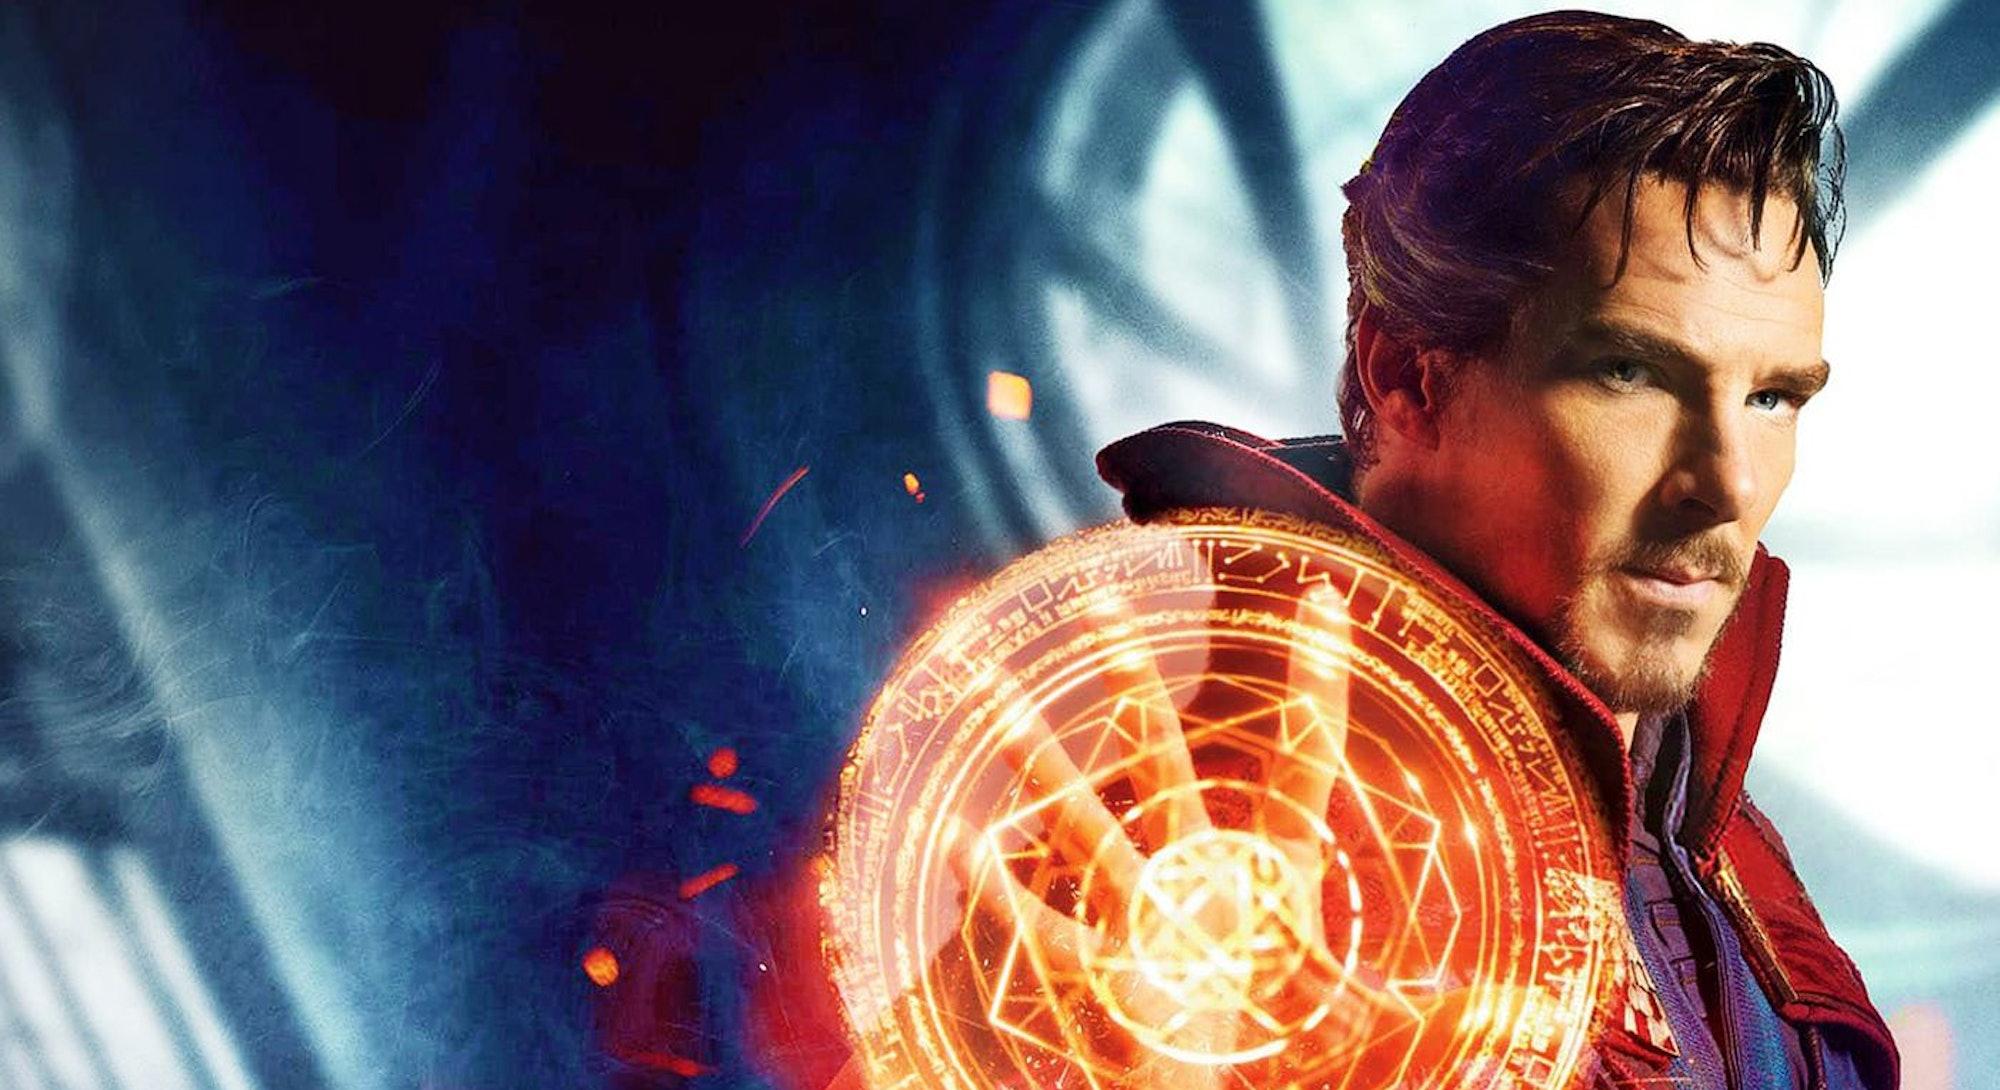 Benedict Cumberbatch casting magic spell as Doctor Strange